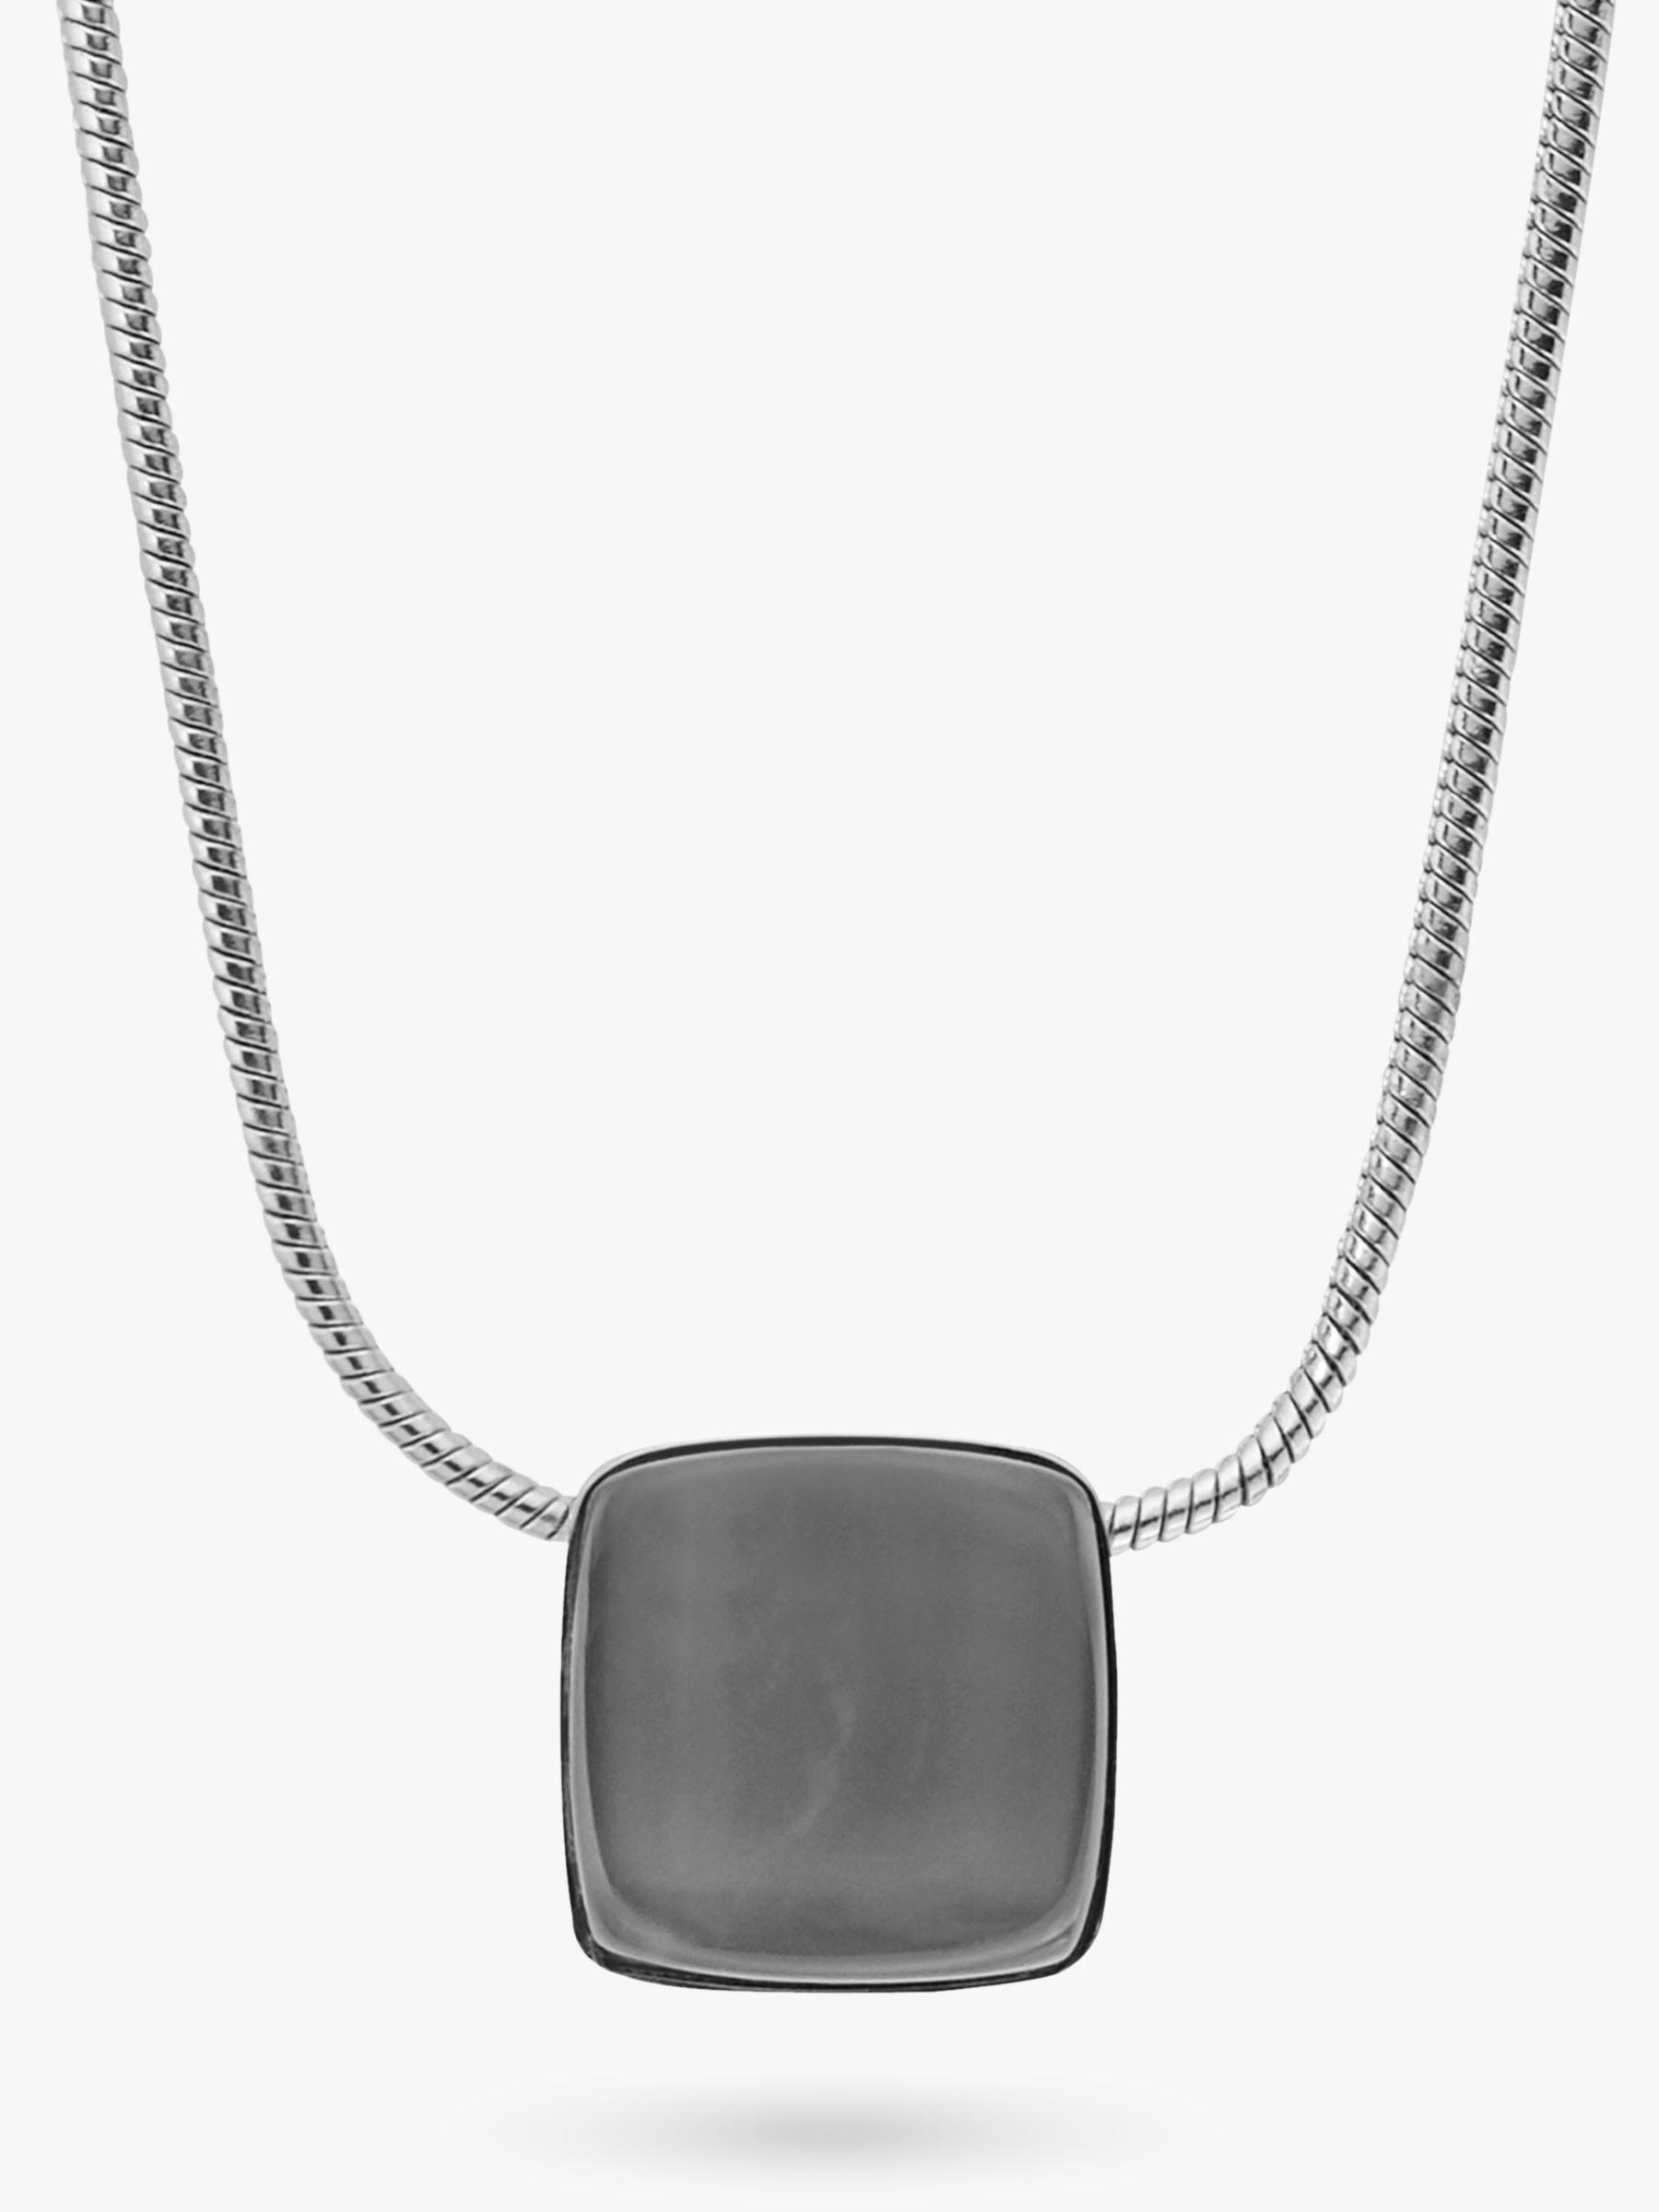 skagen Skagen Sea Glass Square Pendant Necklace, Silver/Steel Blue SKJ0868040